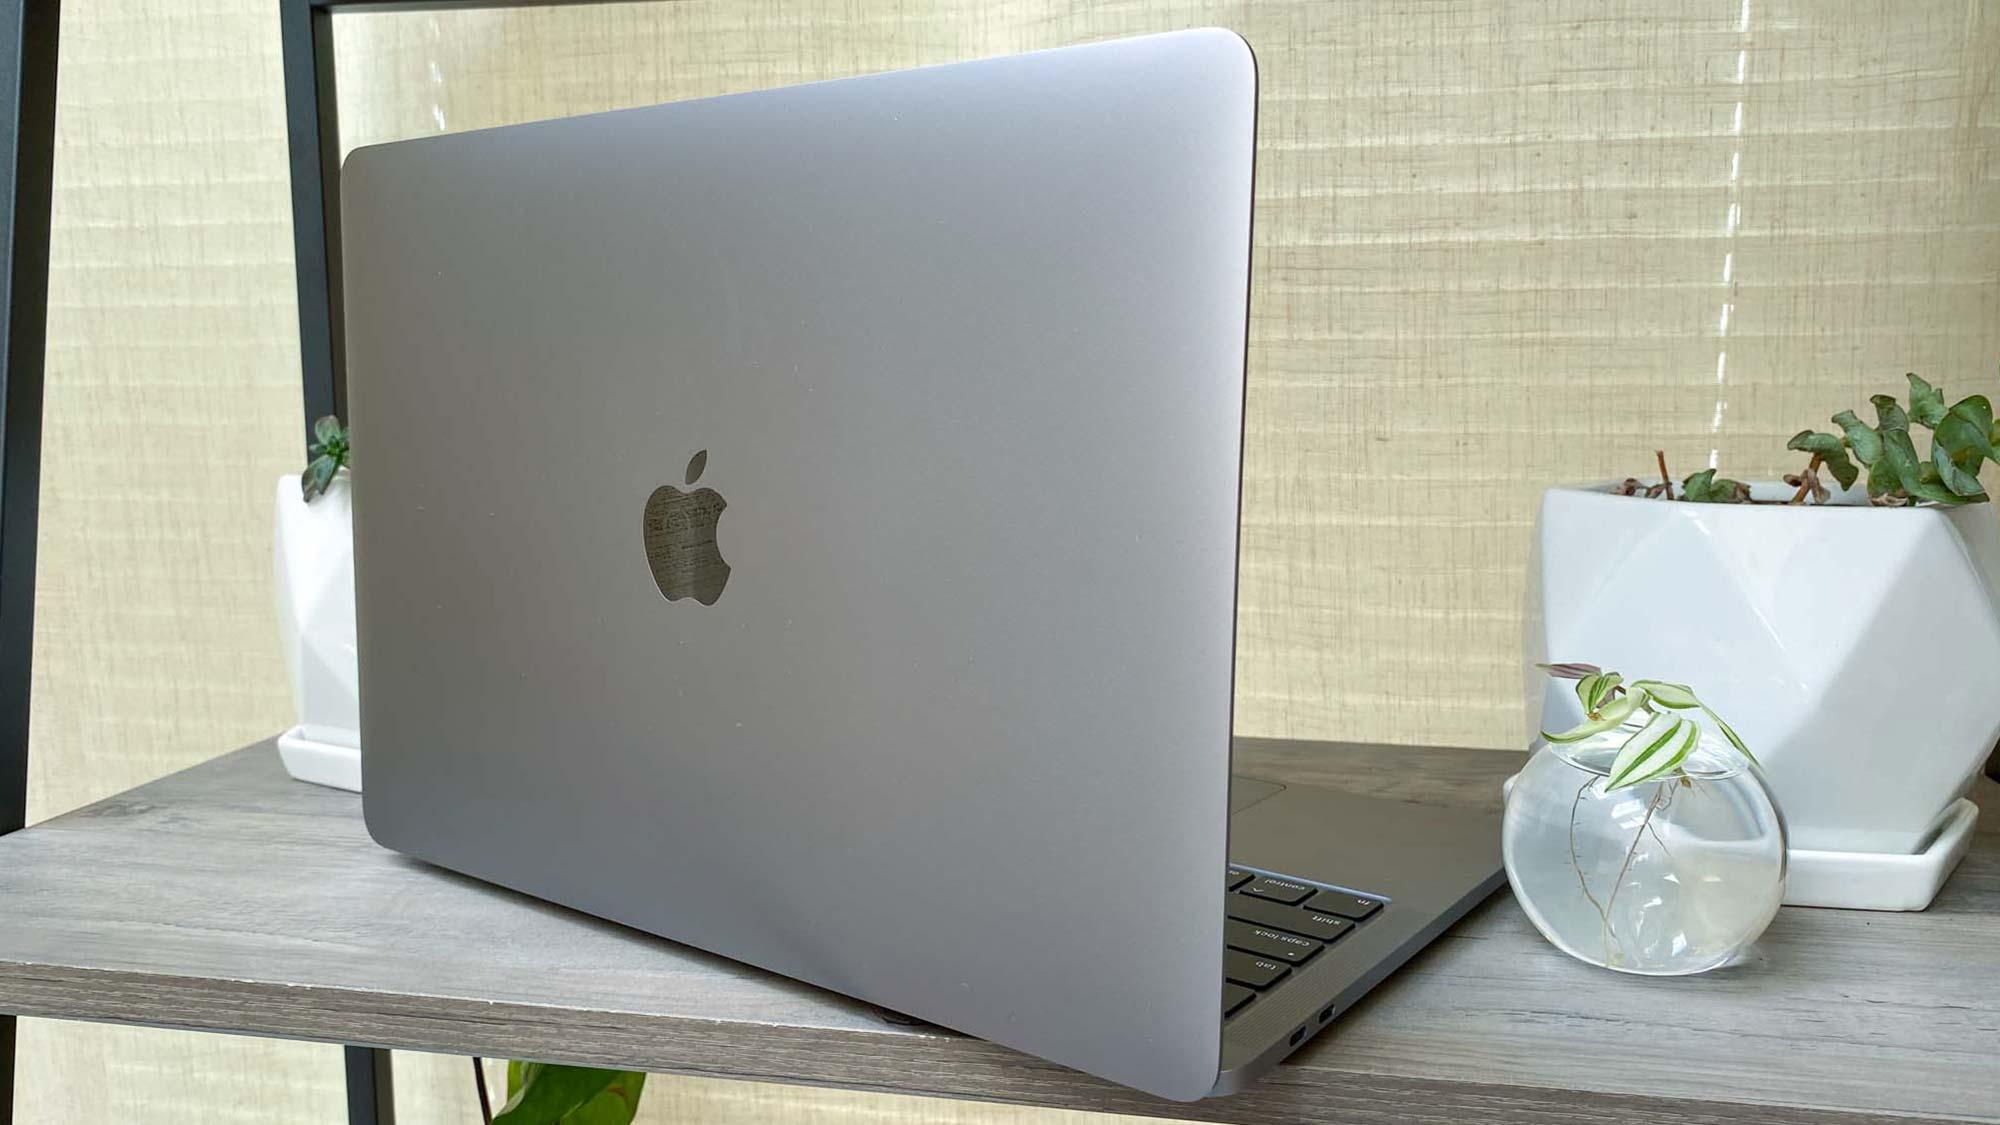 Dell XPS 13 vs MacBook Pro - MacBook Pro rear angle